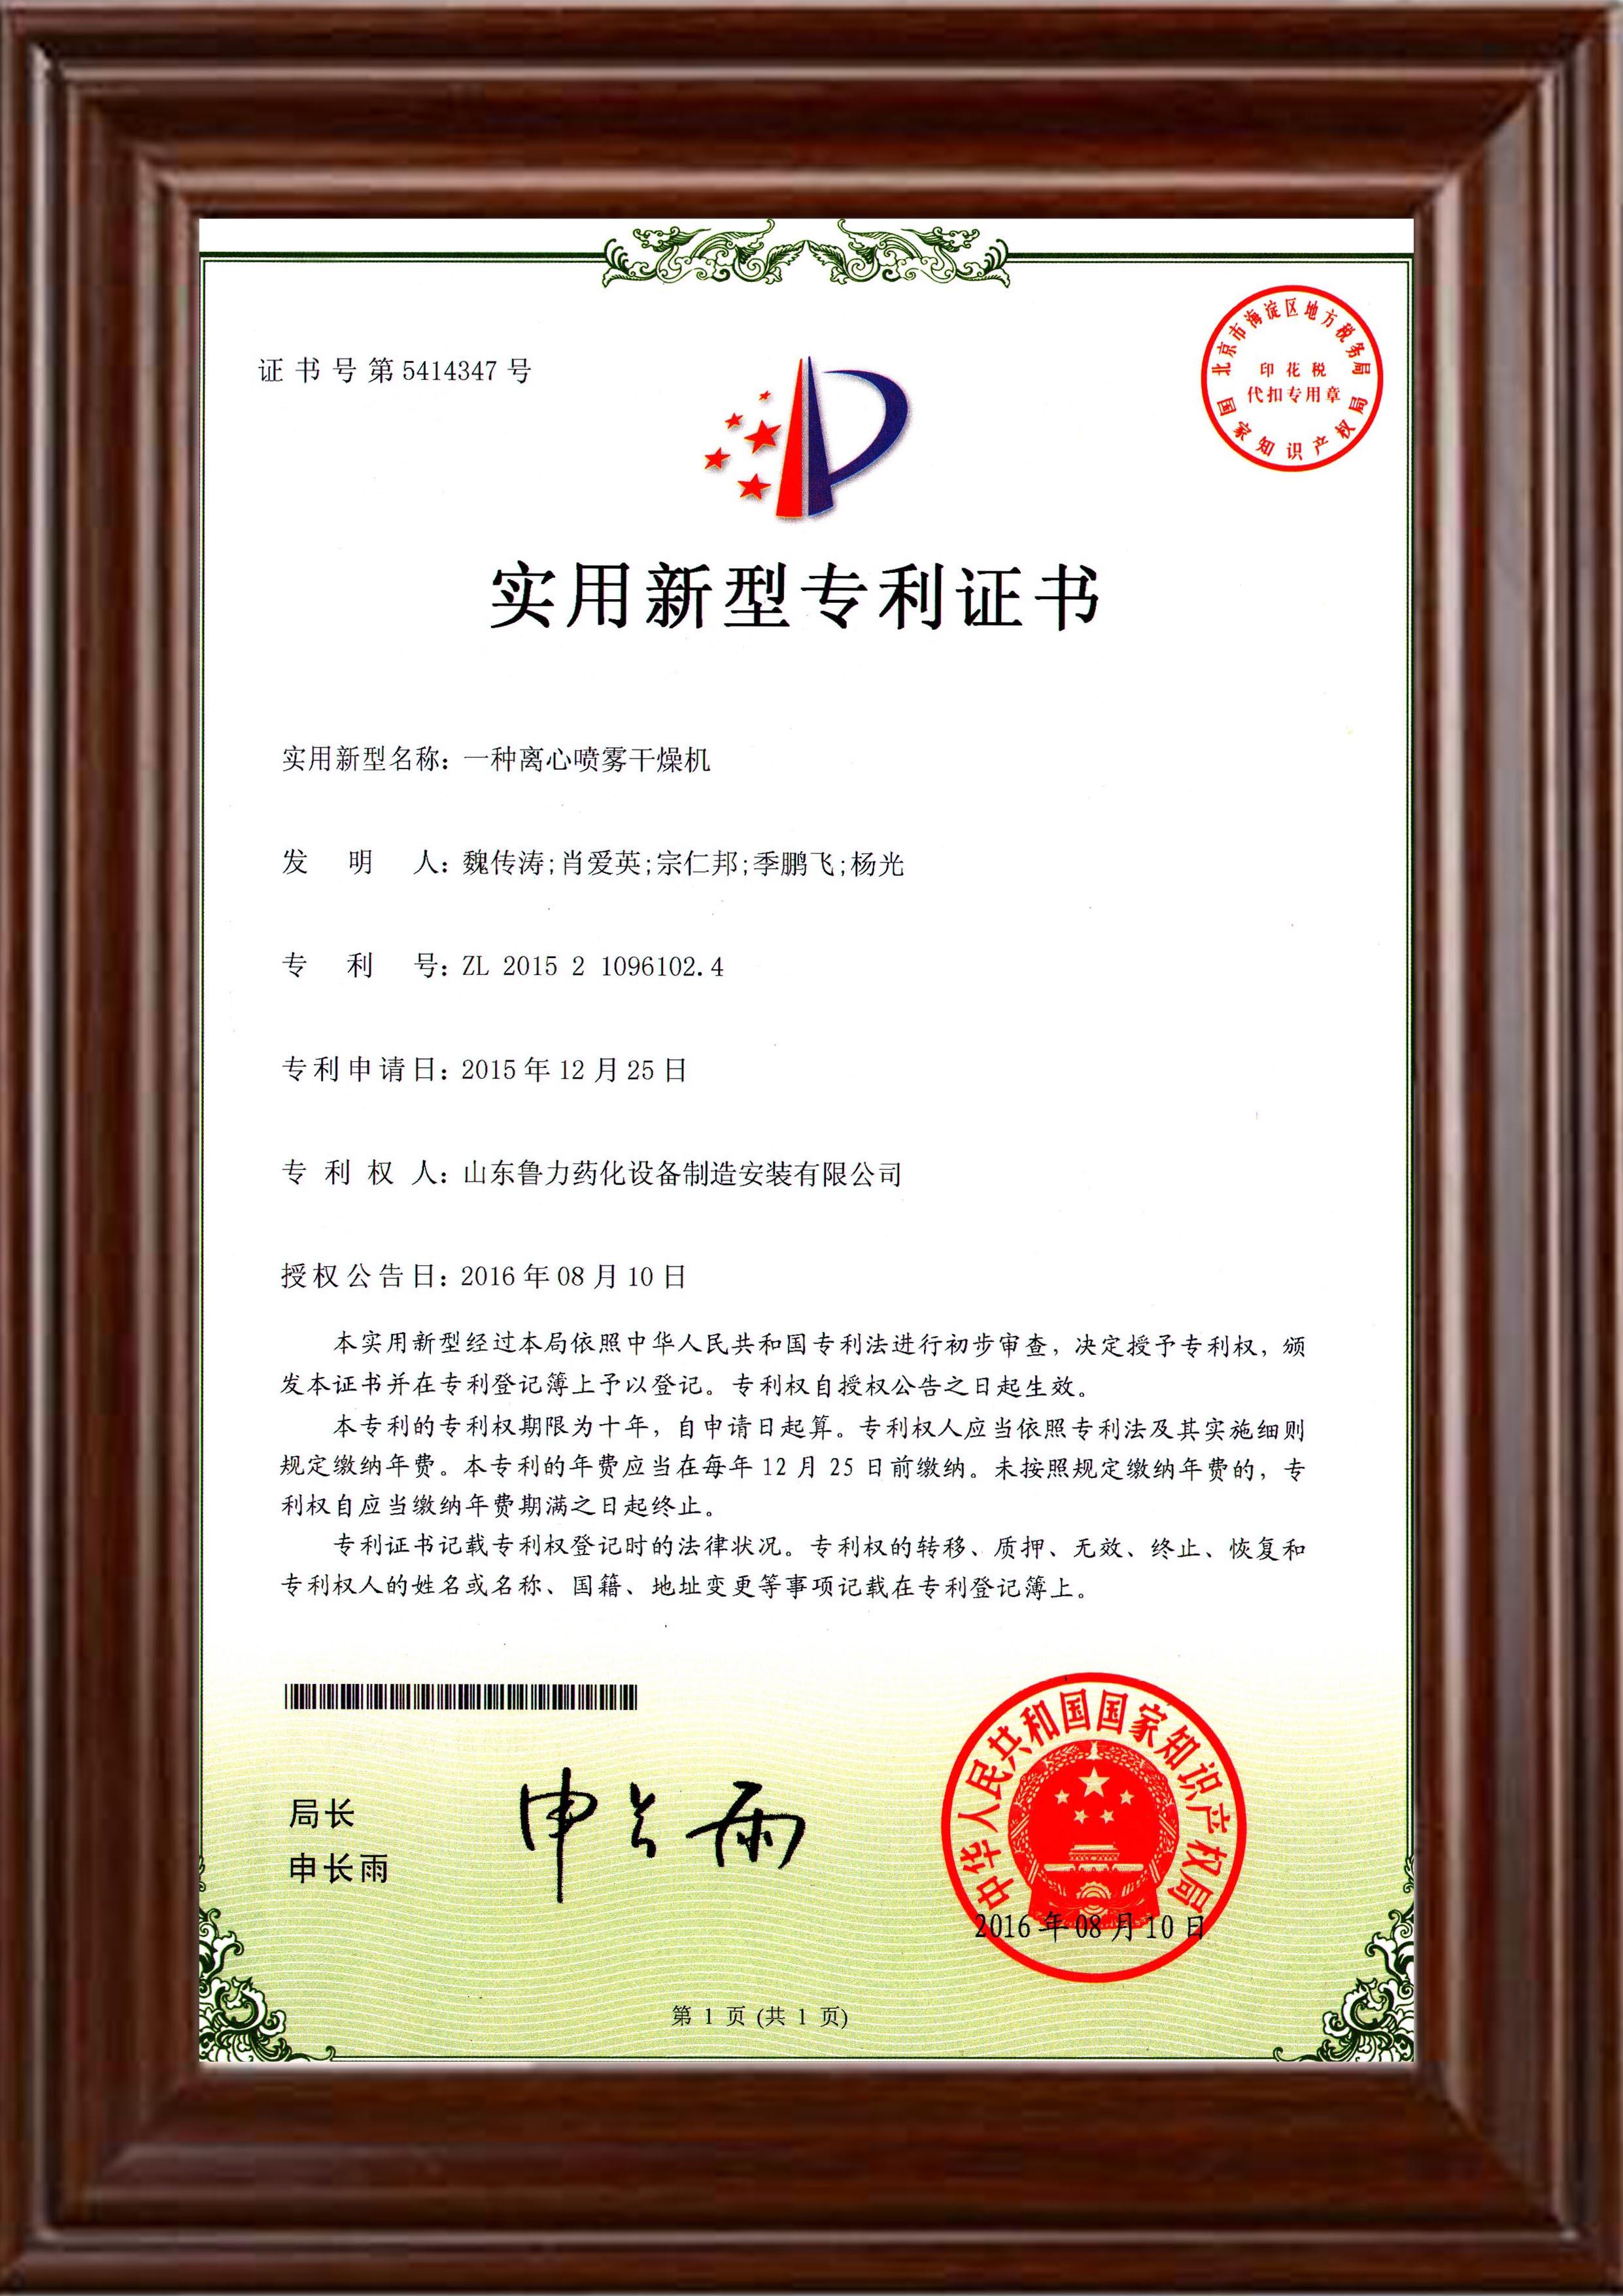 离心喷雾干燥机专利认证